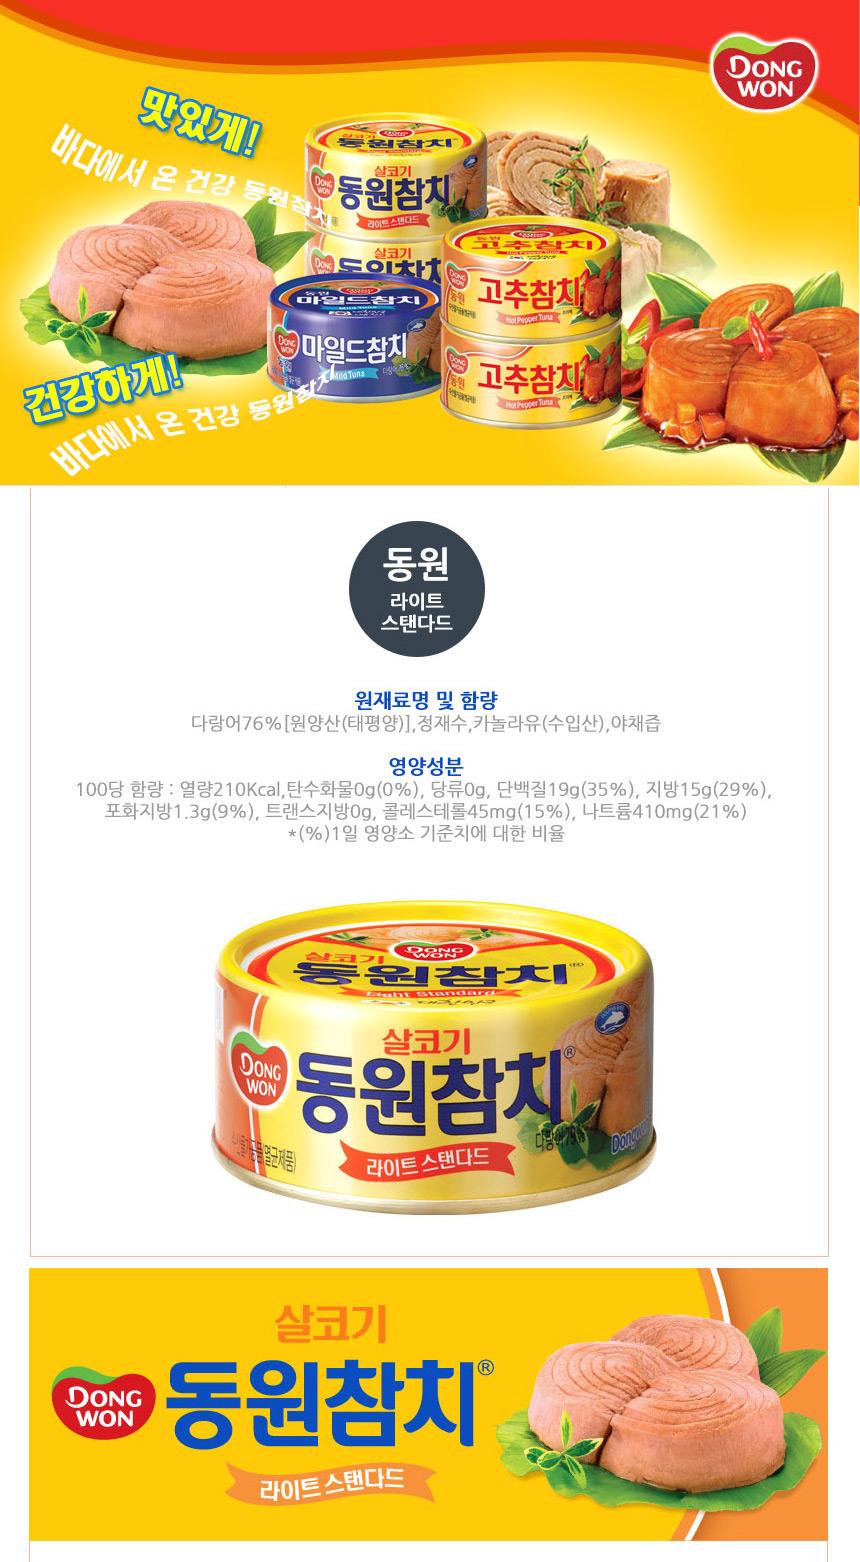 [ Dongwon ] Dongwon TunaLight 150g x 5pc